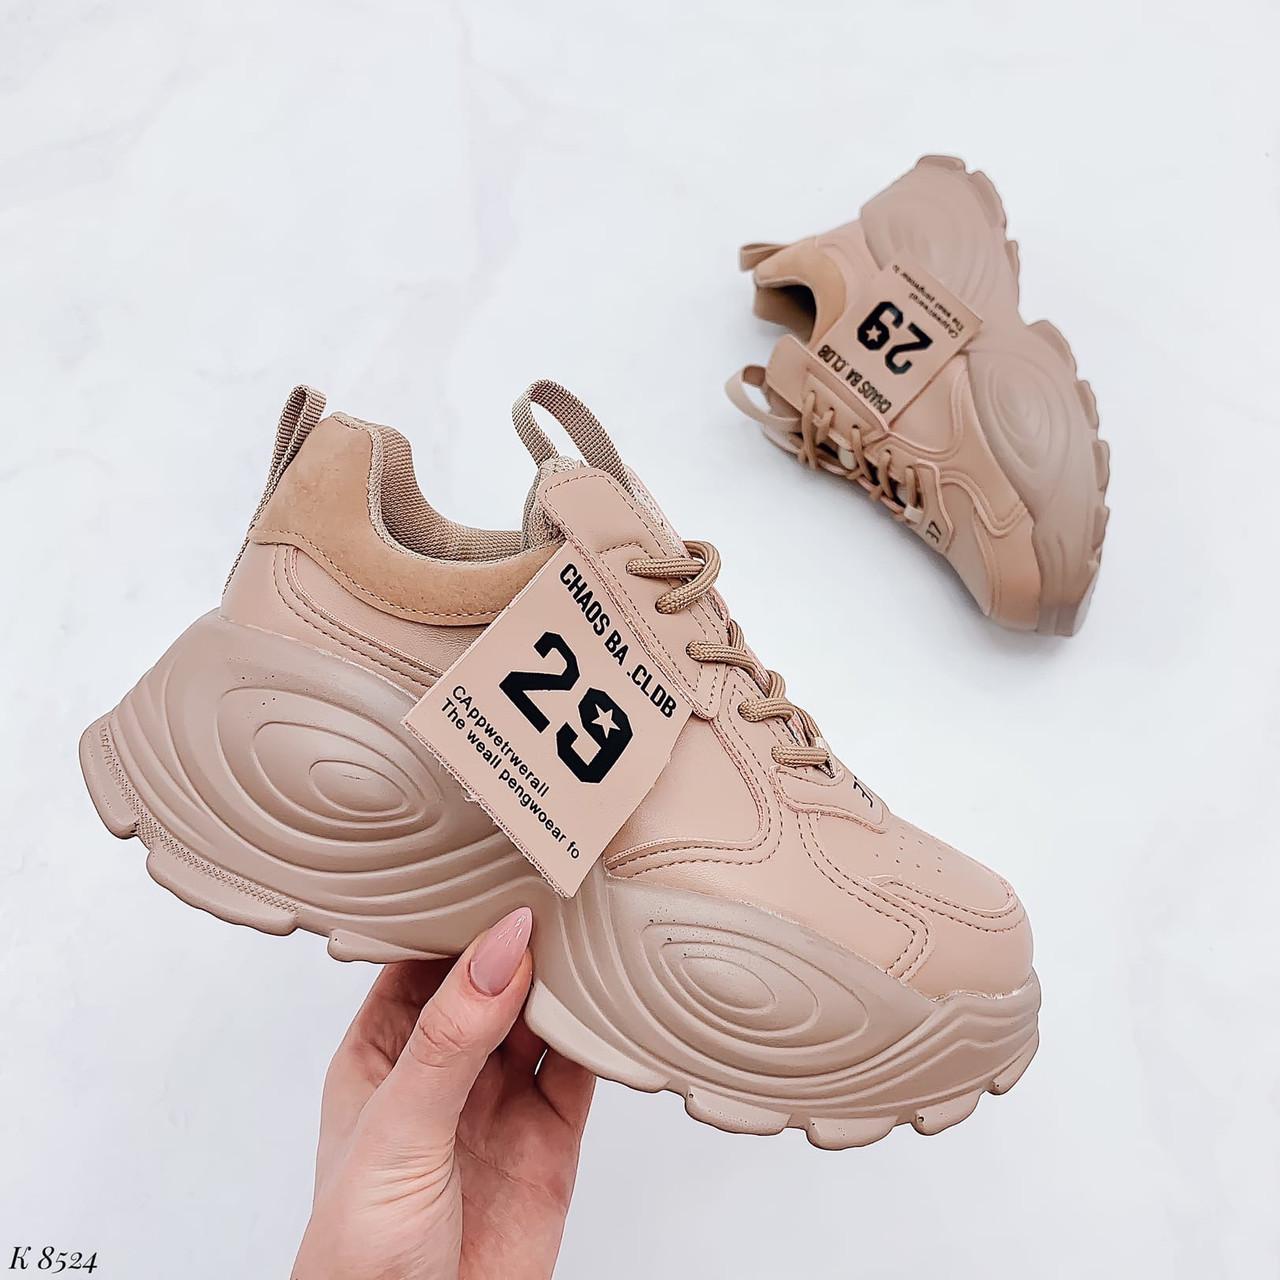 ТІЛЬКИ 40,41 р!!! Жіночі коричневі кросівки на підошві 6 см еко-шкіра